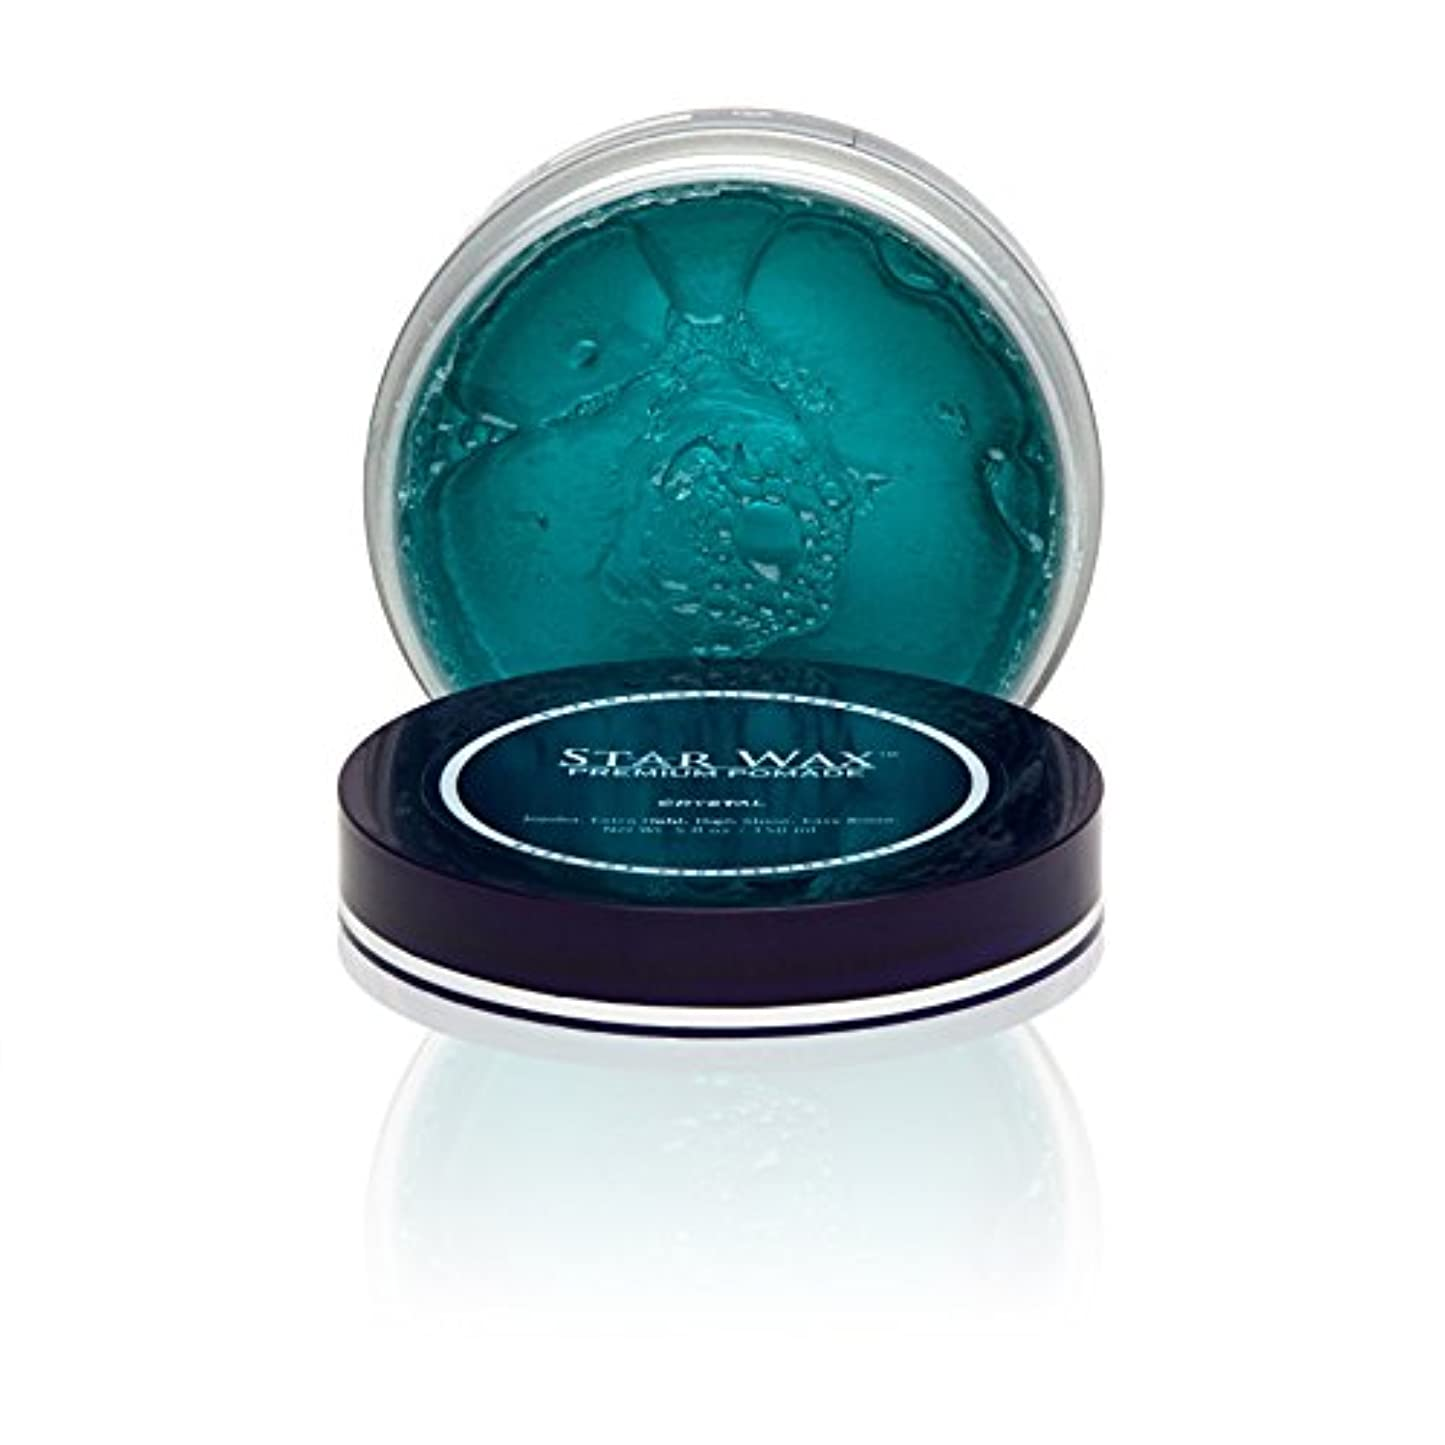 鳴らすびっくりしたバスルームStar Wax | Premium Pomade, Crystal(スターワックスプレミアム ポマード「クリスタル」)?Star Pro Line(スタープロライン)製?5(液量)オンス/150ml